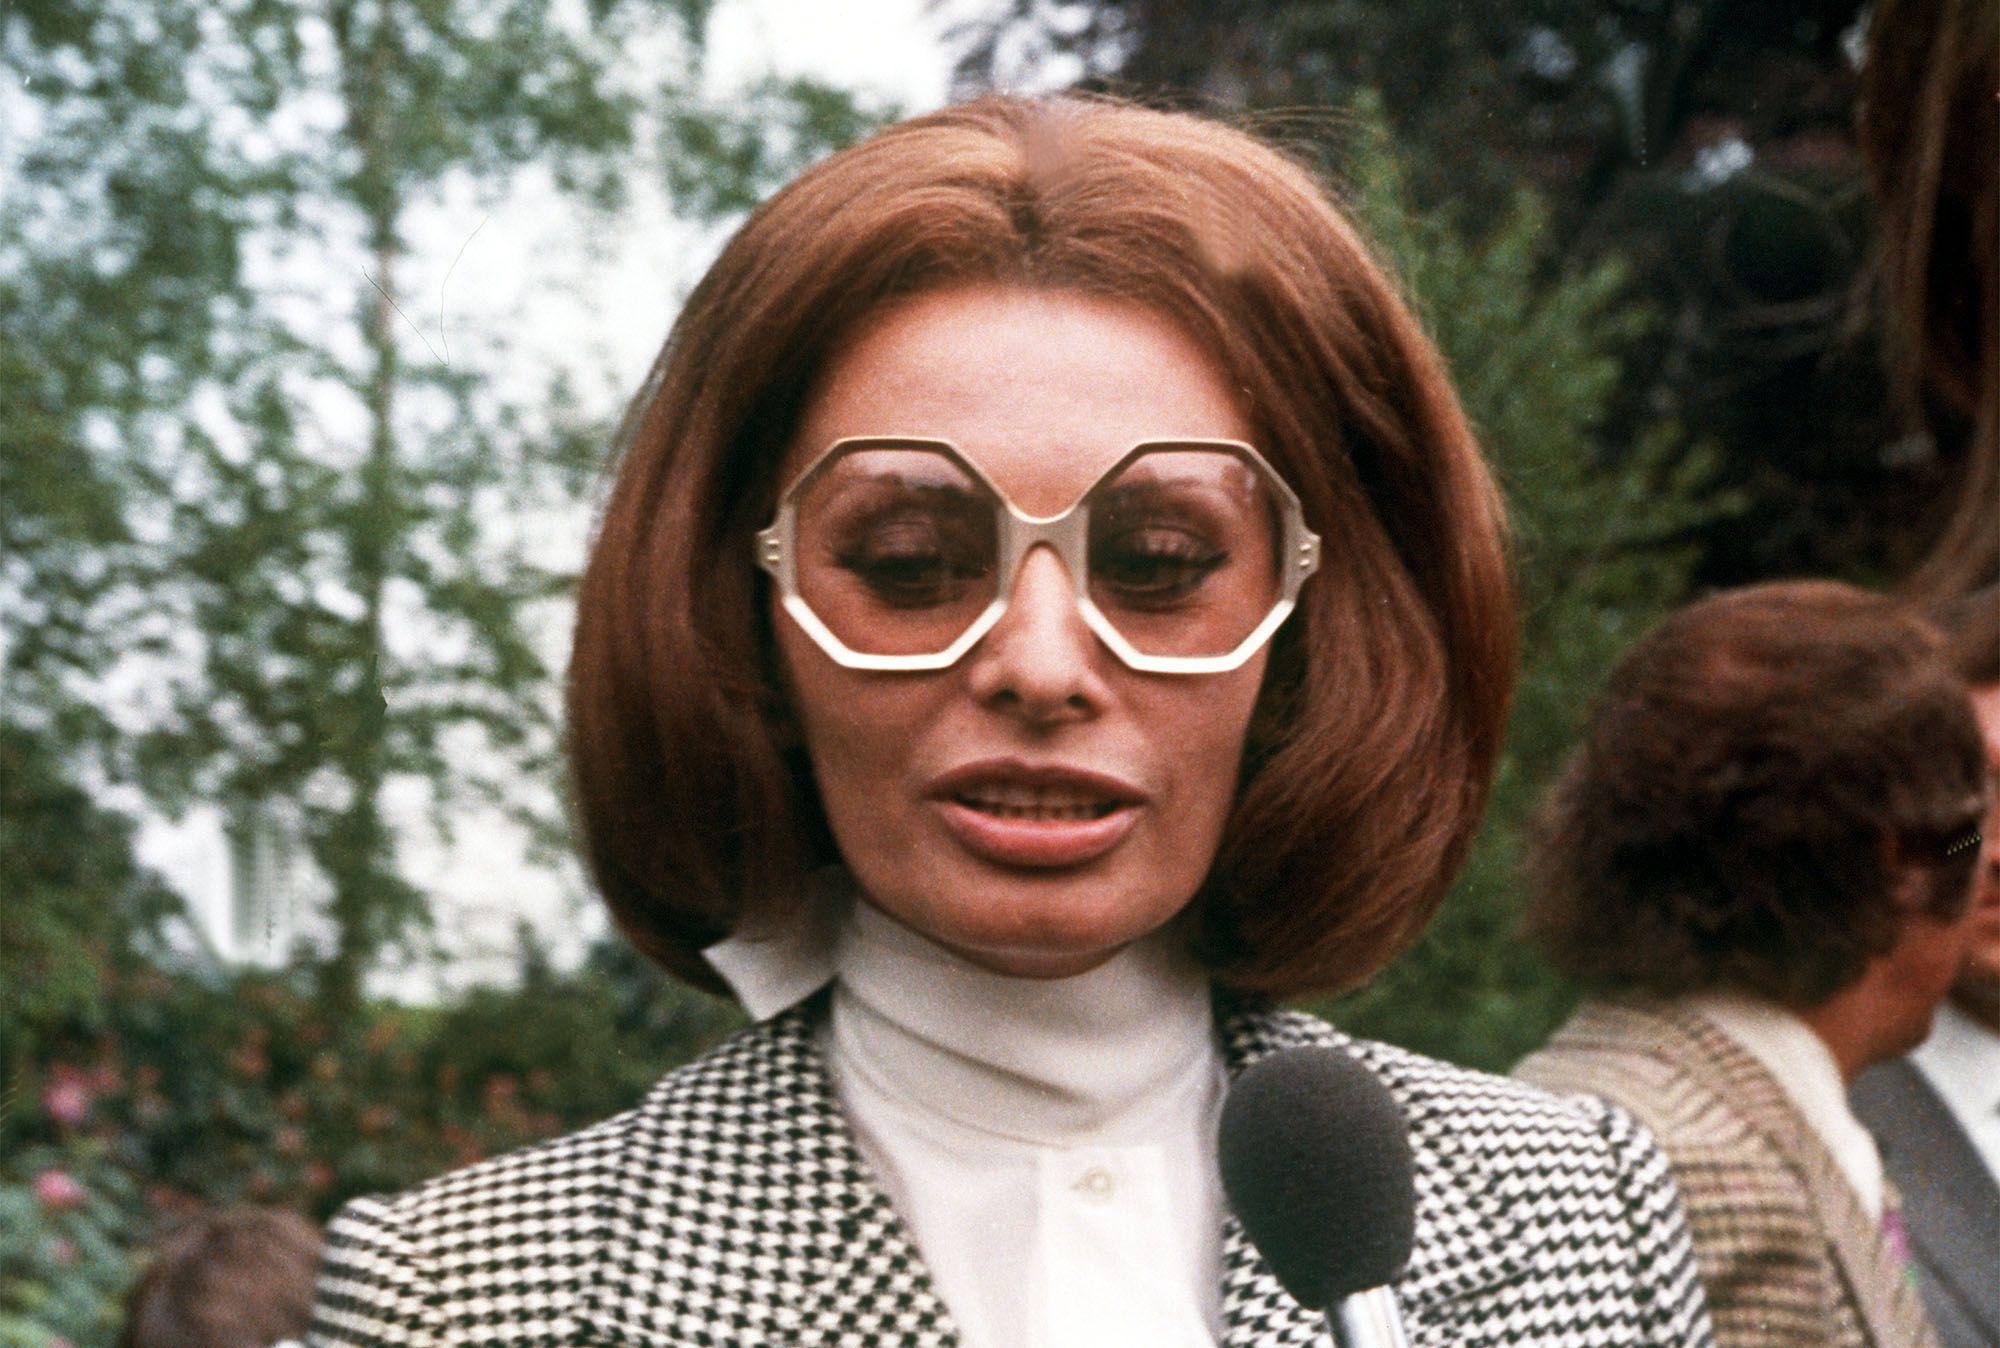 Let S Talk About Sophia Loren S Taste In Glasses Sophia Loren Sophia Loren Style Glamour